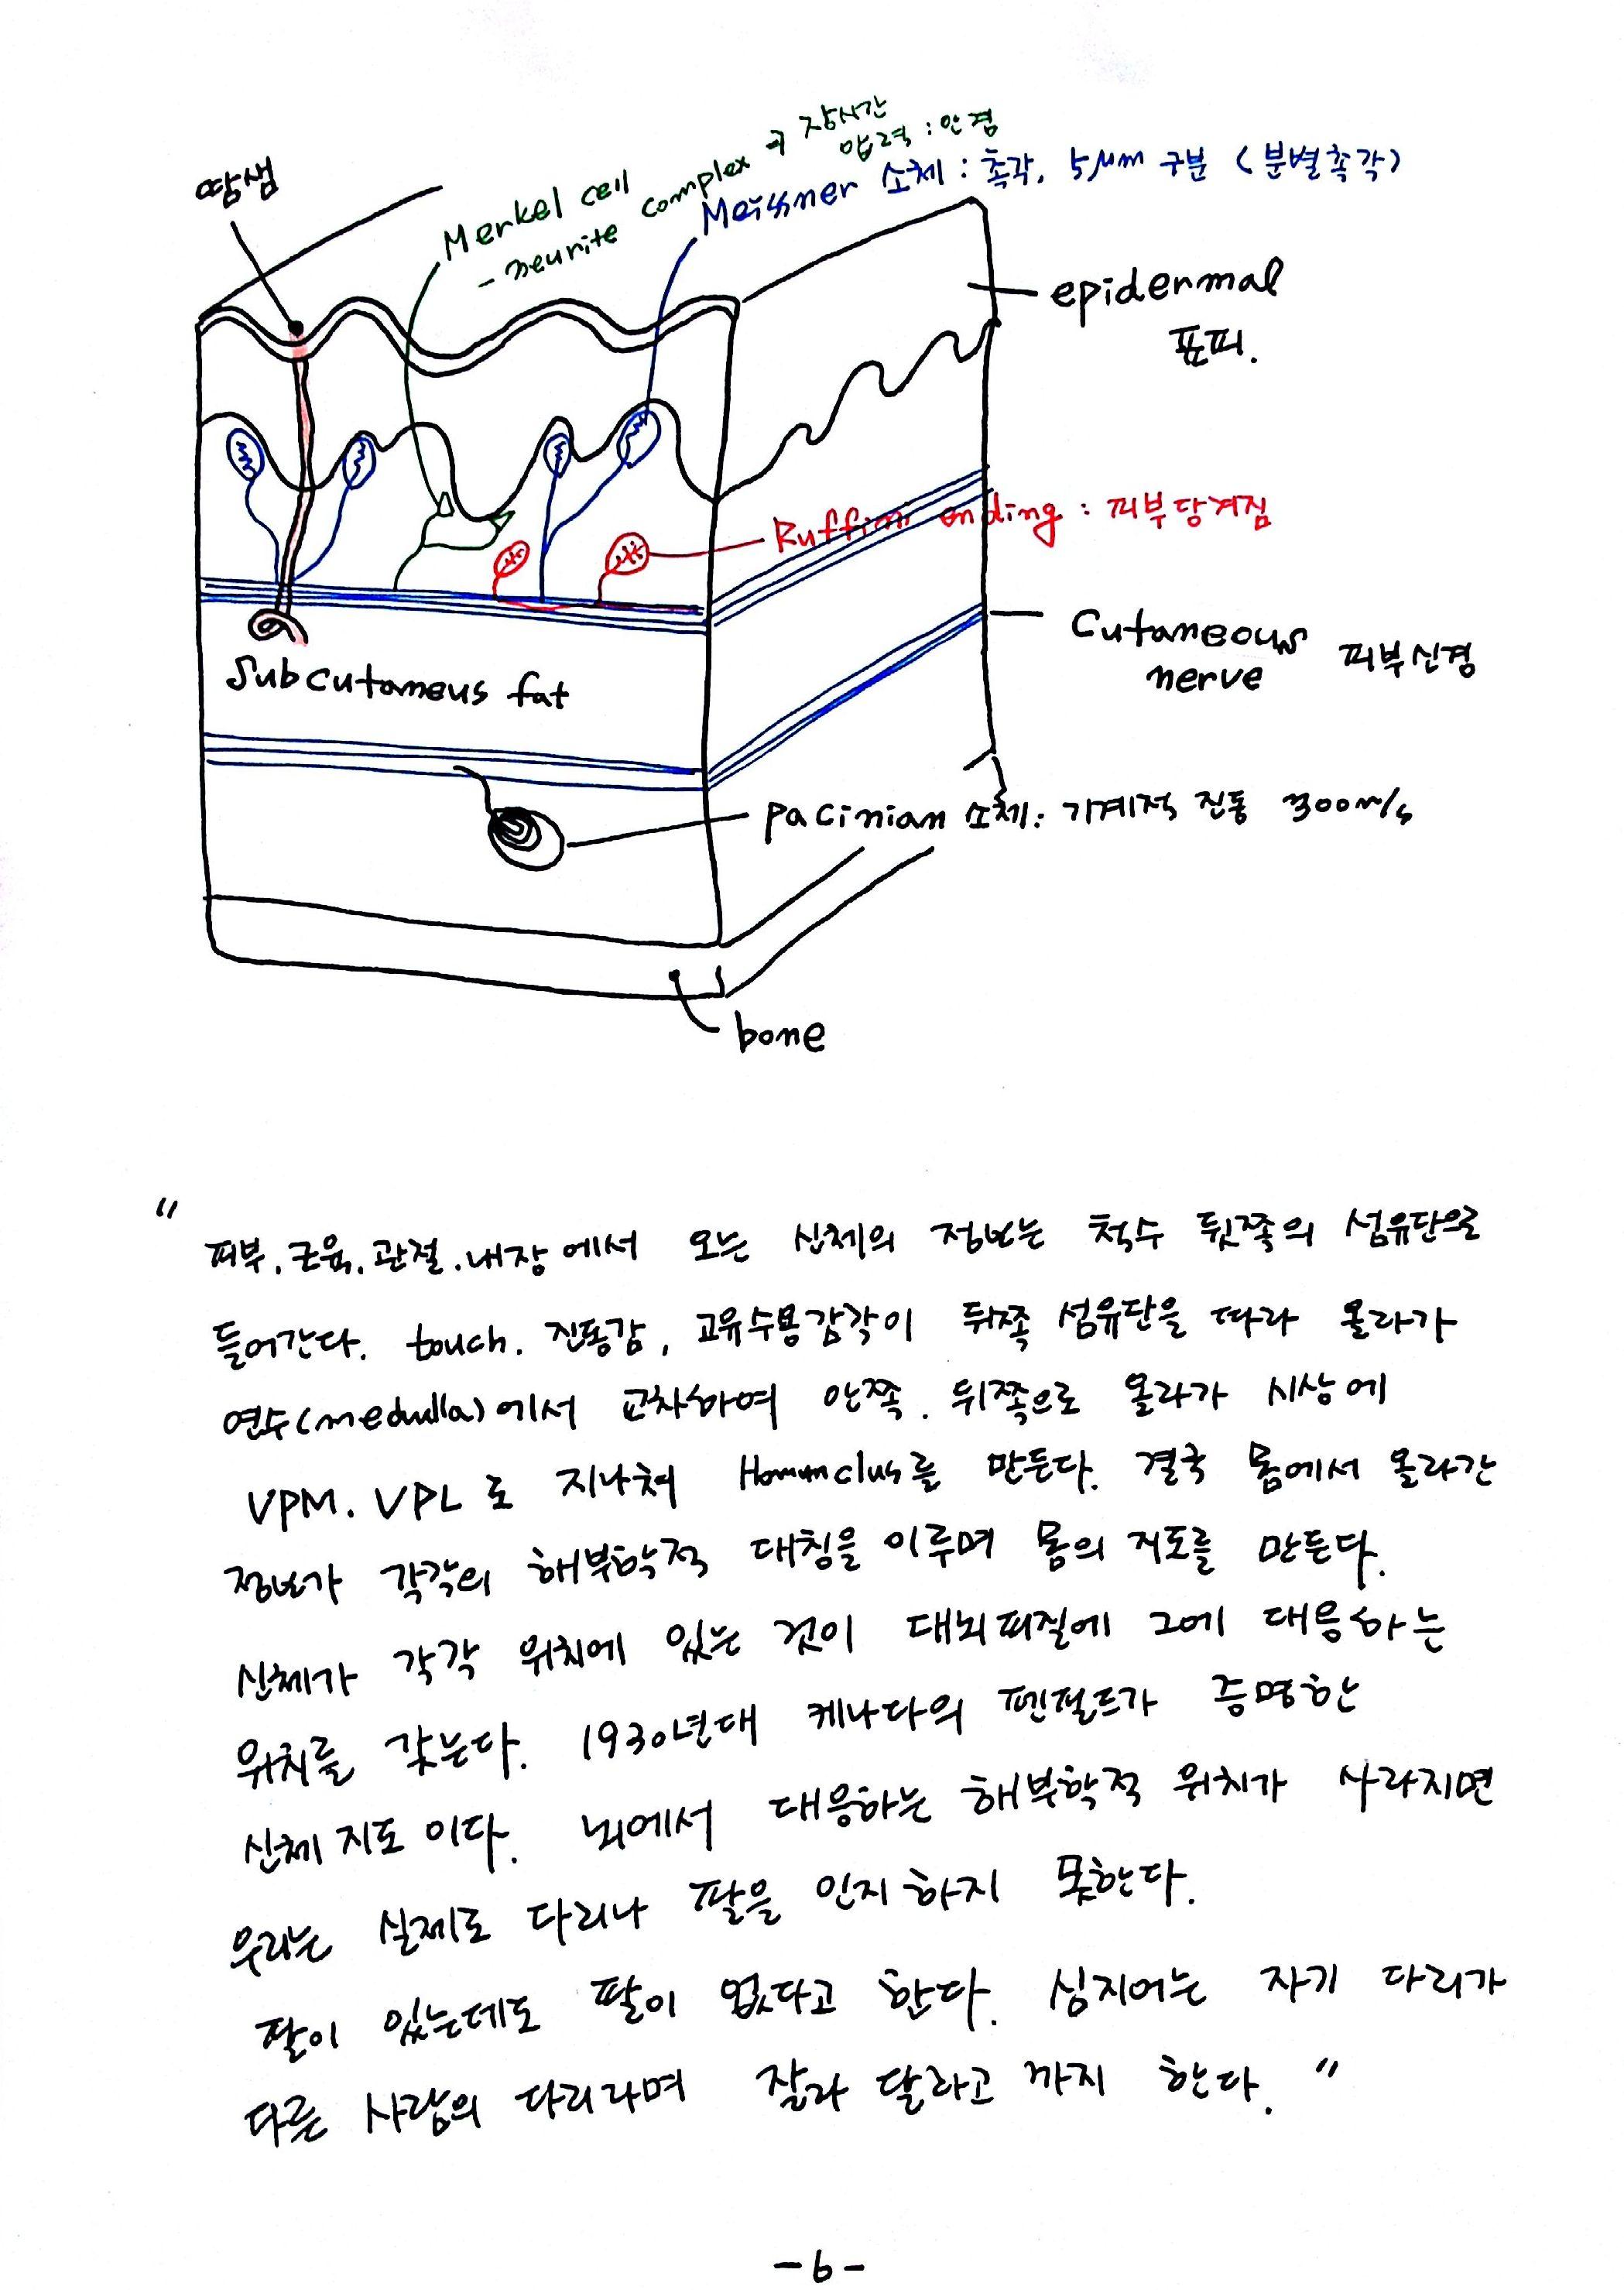 6-2012-09-17_10-24-00_316.jpg